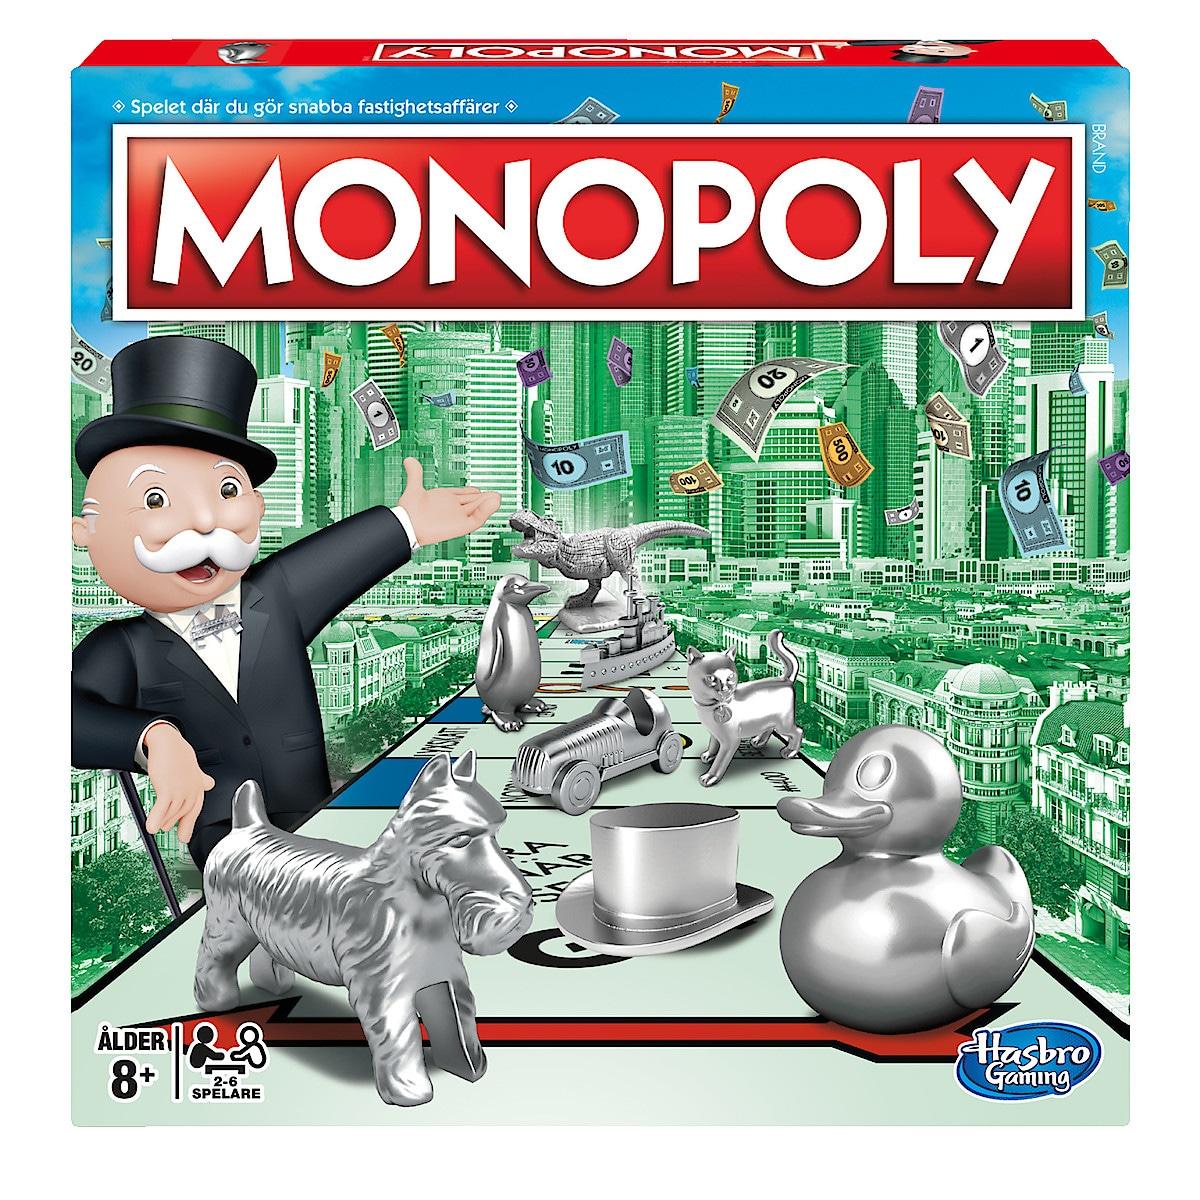 Sällskapsspel Monopoly, Hasbro